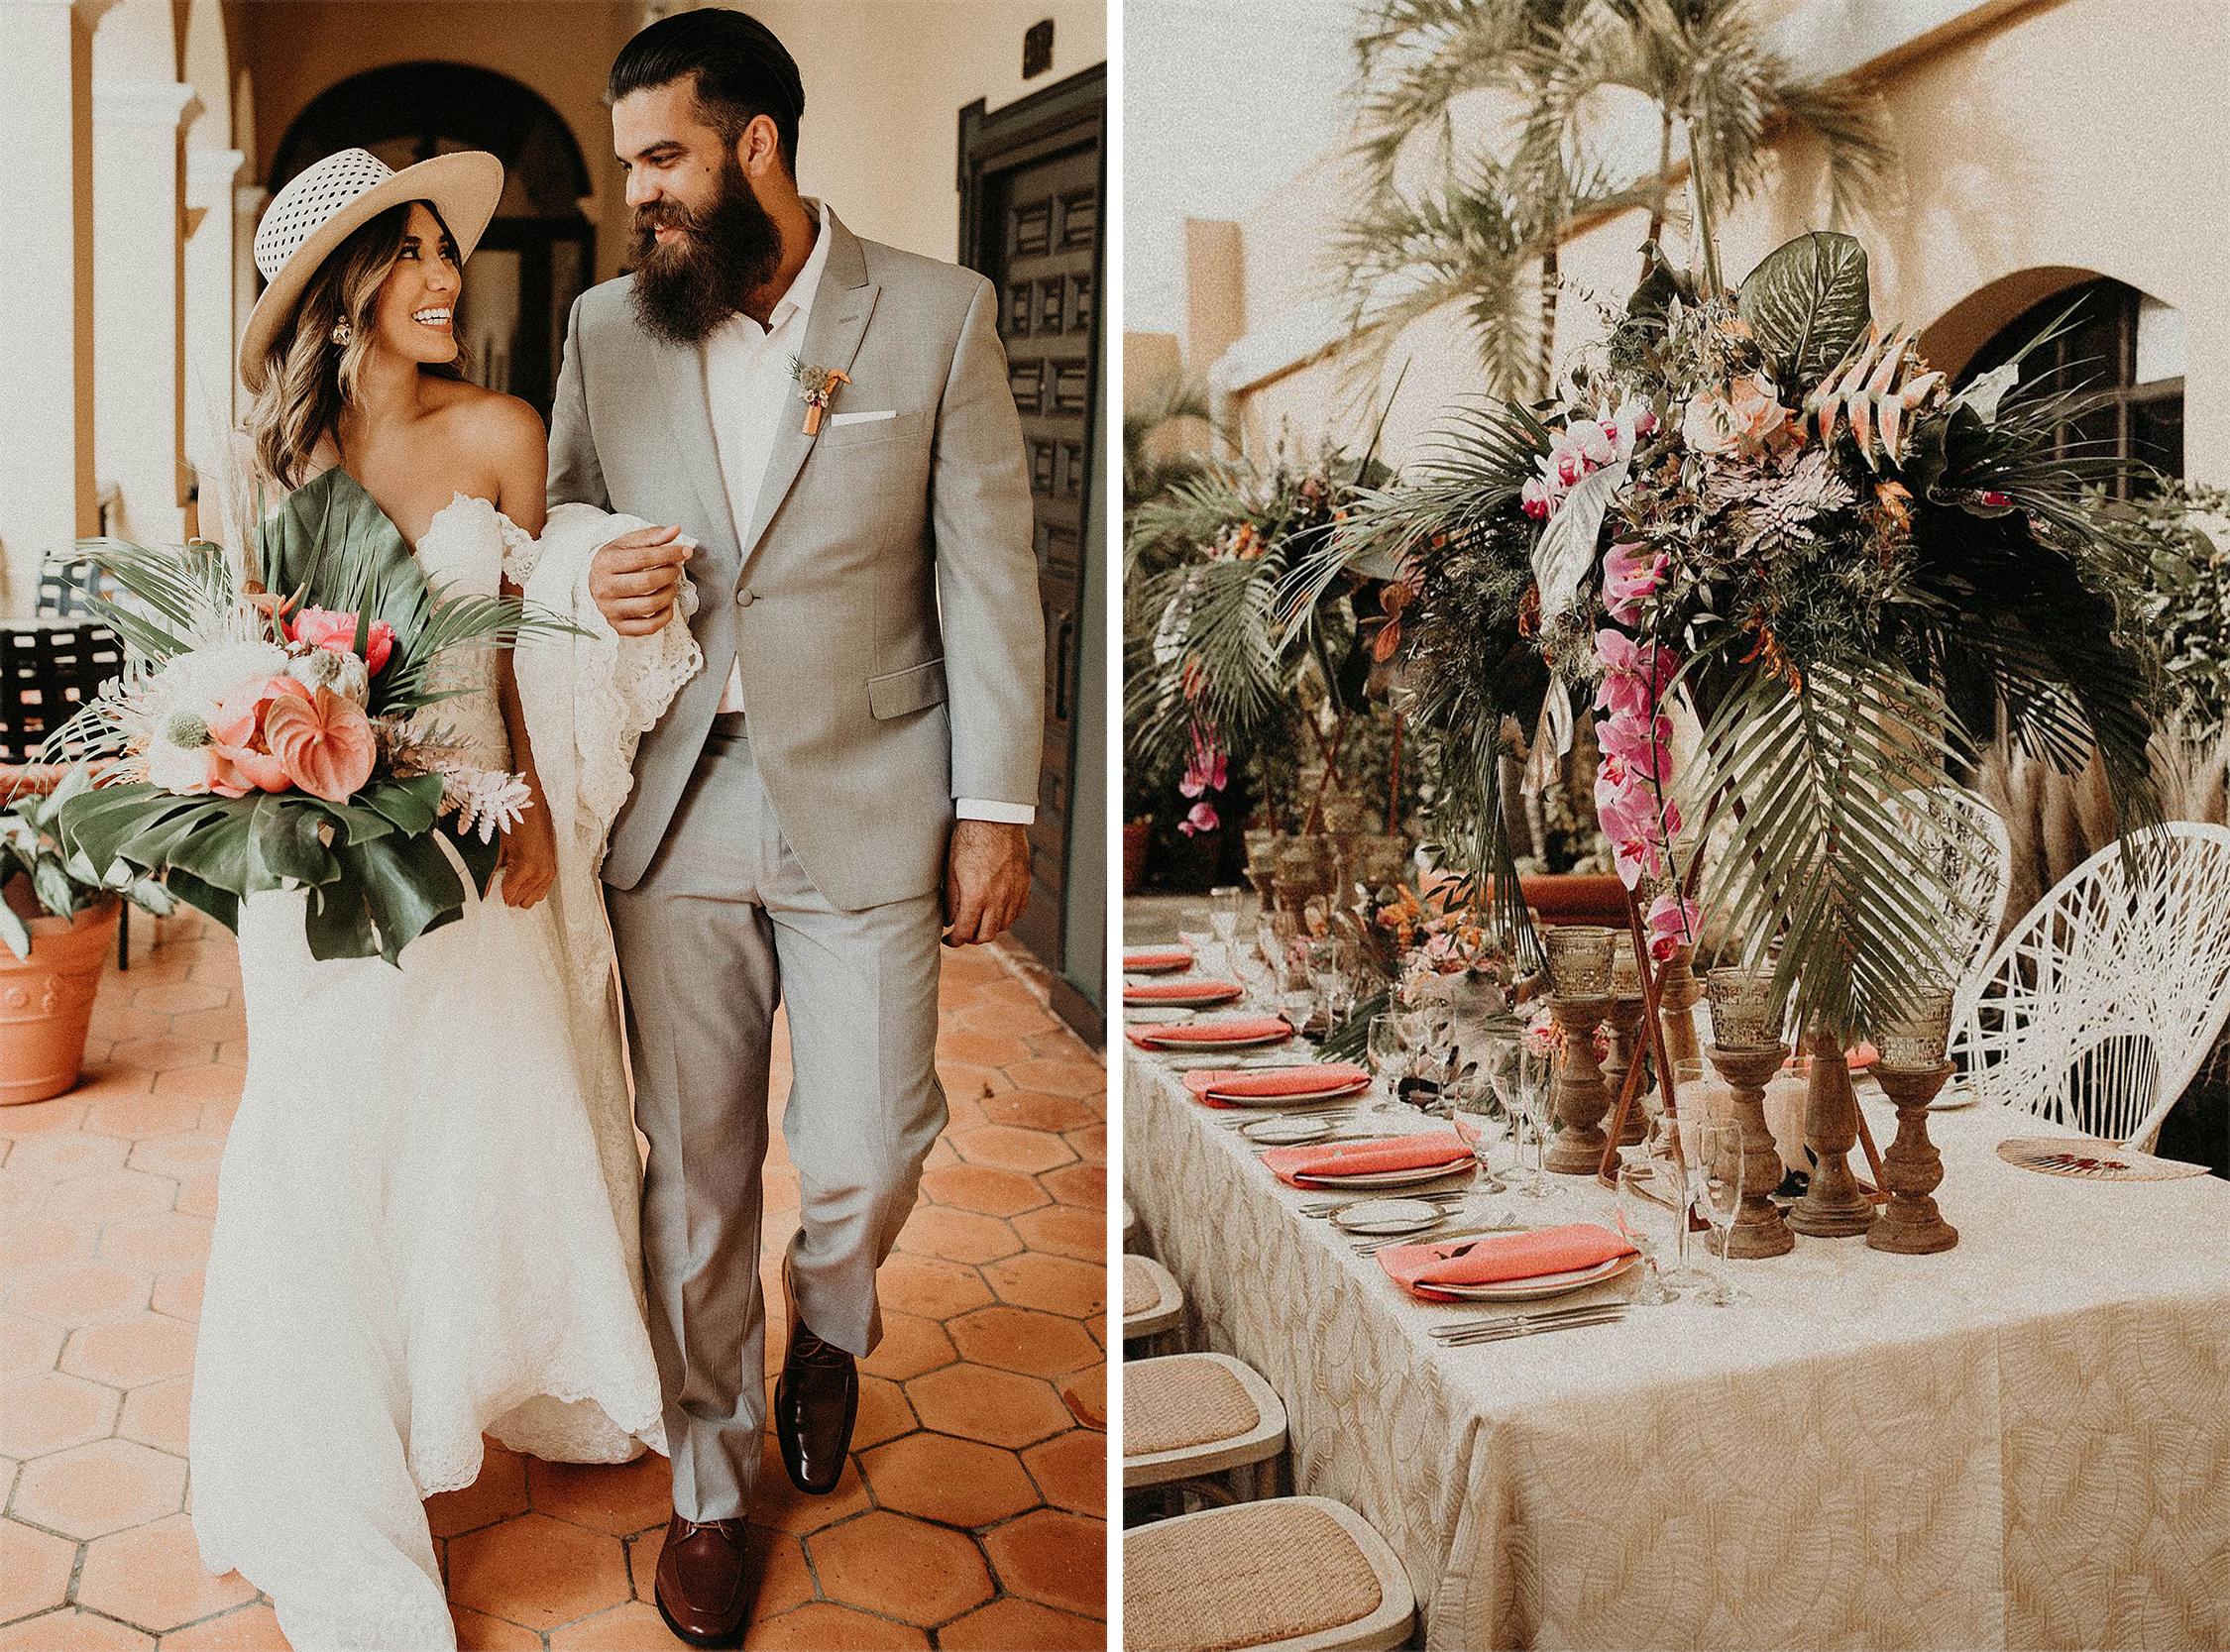 Puerto Rico Wedding Décor